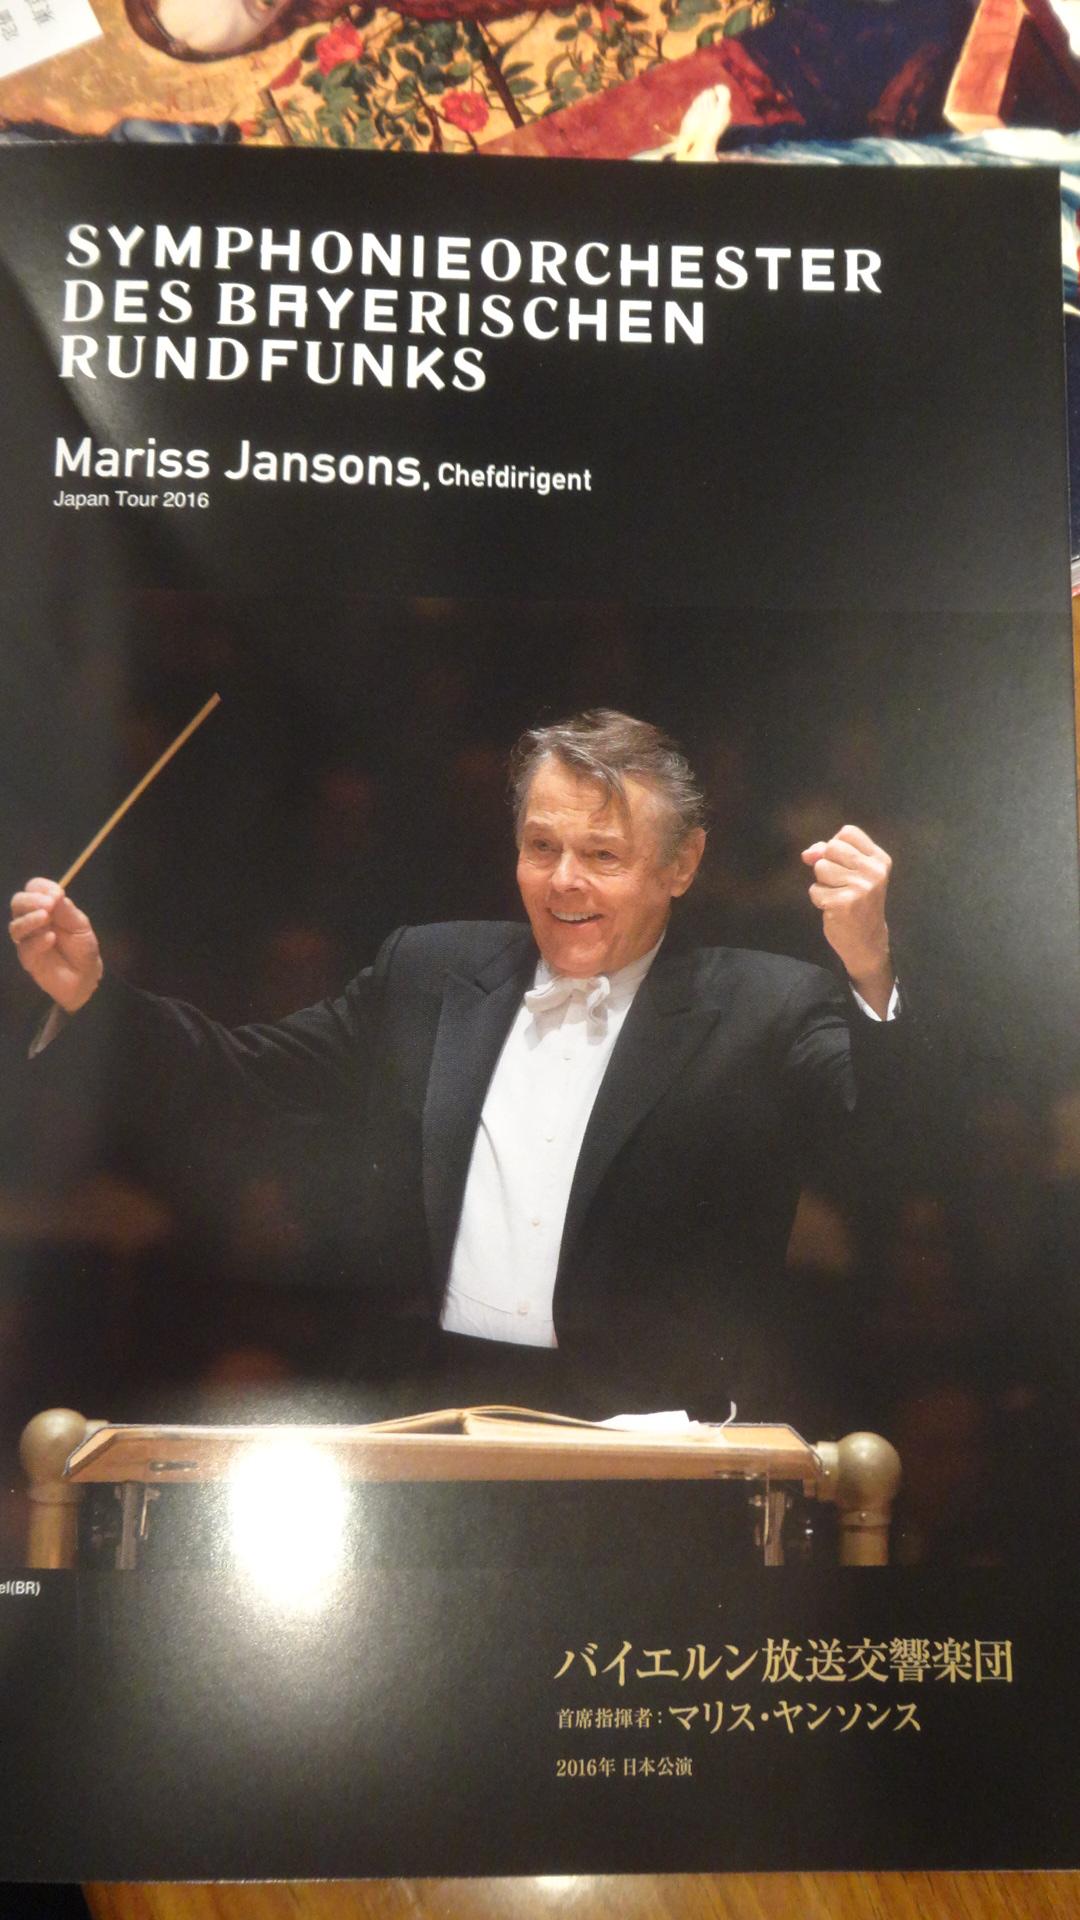 バイエルン放送交響楽団のコンサートのプログラム